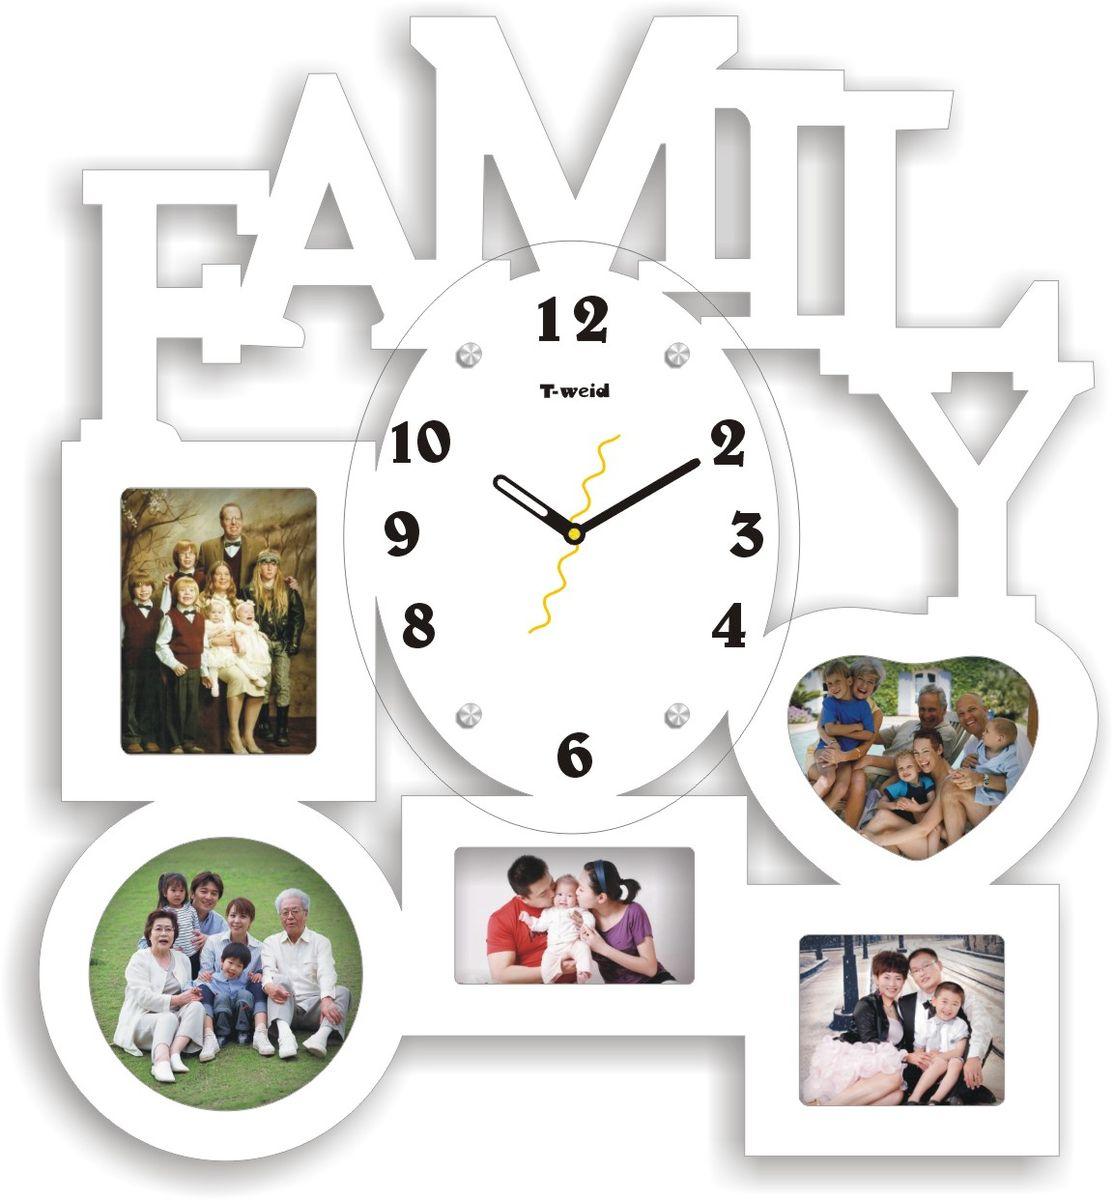 Часы настенные T-Weid, с фоторамками, цвет: белый, 46 х 50 х 5 смM3108B WhiteНастенные кварцевые часы с фоторамками - это прекрасный предмет декора, а также универсальный подарок практически по любому поводу. Корпус часов, выполнен из дерева с белым матовым покрытием и оформлен пятью фоторамками. Циферблат часов оснащен тремя фигурными стрелками: часовой, минутной и секундной. Циферблат и стрелки защищены прочным стеклом, который крепится четырьмя металлическими крепежами к корпусу. На задней стенке часов расположена металлическая петелька для подвешивания и блок с часовым механизмом. Часы с фоторамками прекрасно впишутся в любой интерьер. В зависимости оттого, что вы поместите в рамки, будет меняться и стиль часов. Тип механизма: плавающий, бесшумный. Рекомендуется докупить батарейку типа АА (не входит в комплект). для 5 фото: 1 фото 12х9 см. 1 фото 12х12. 1 фото 6х11. 1 фото 8х9 см. 1 фото 12х10 см.